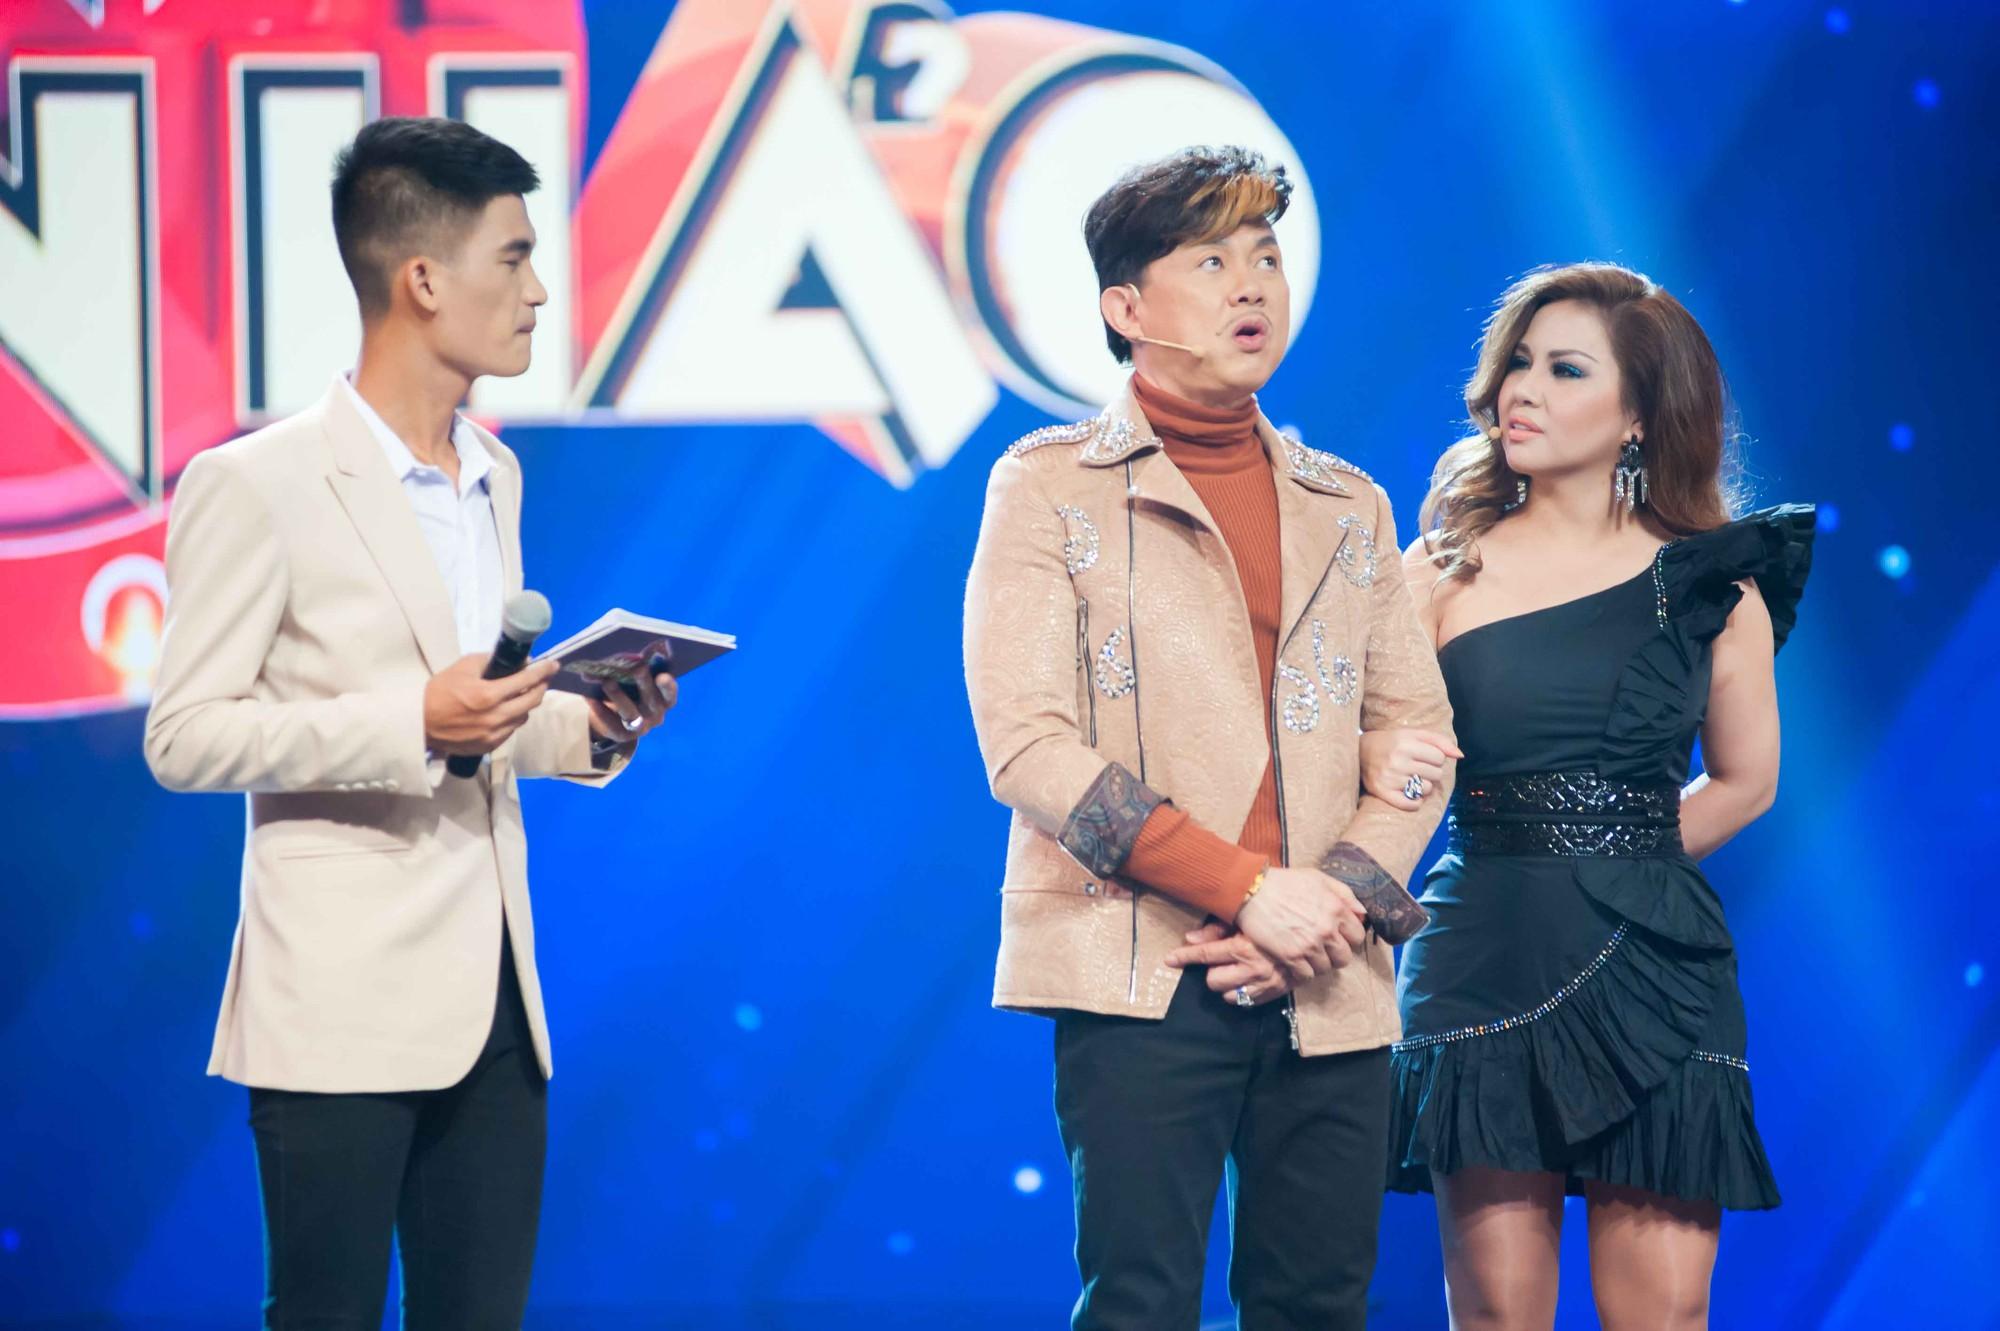 Châu Đăng Khoa bắt MC gameshow giới thiệu căng đét về độ đẹp trai mới chịu xuất hiện - Ảnh 3.